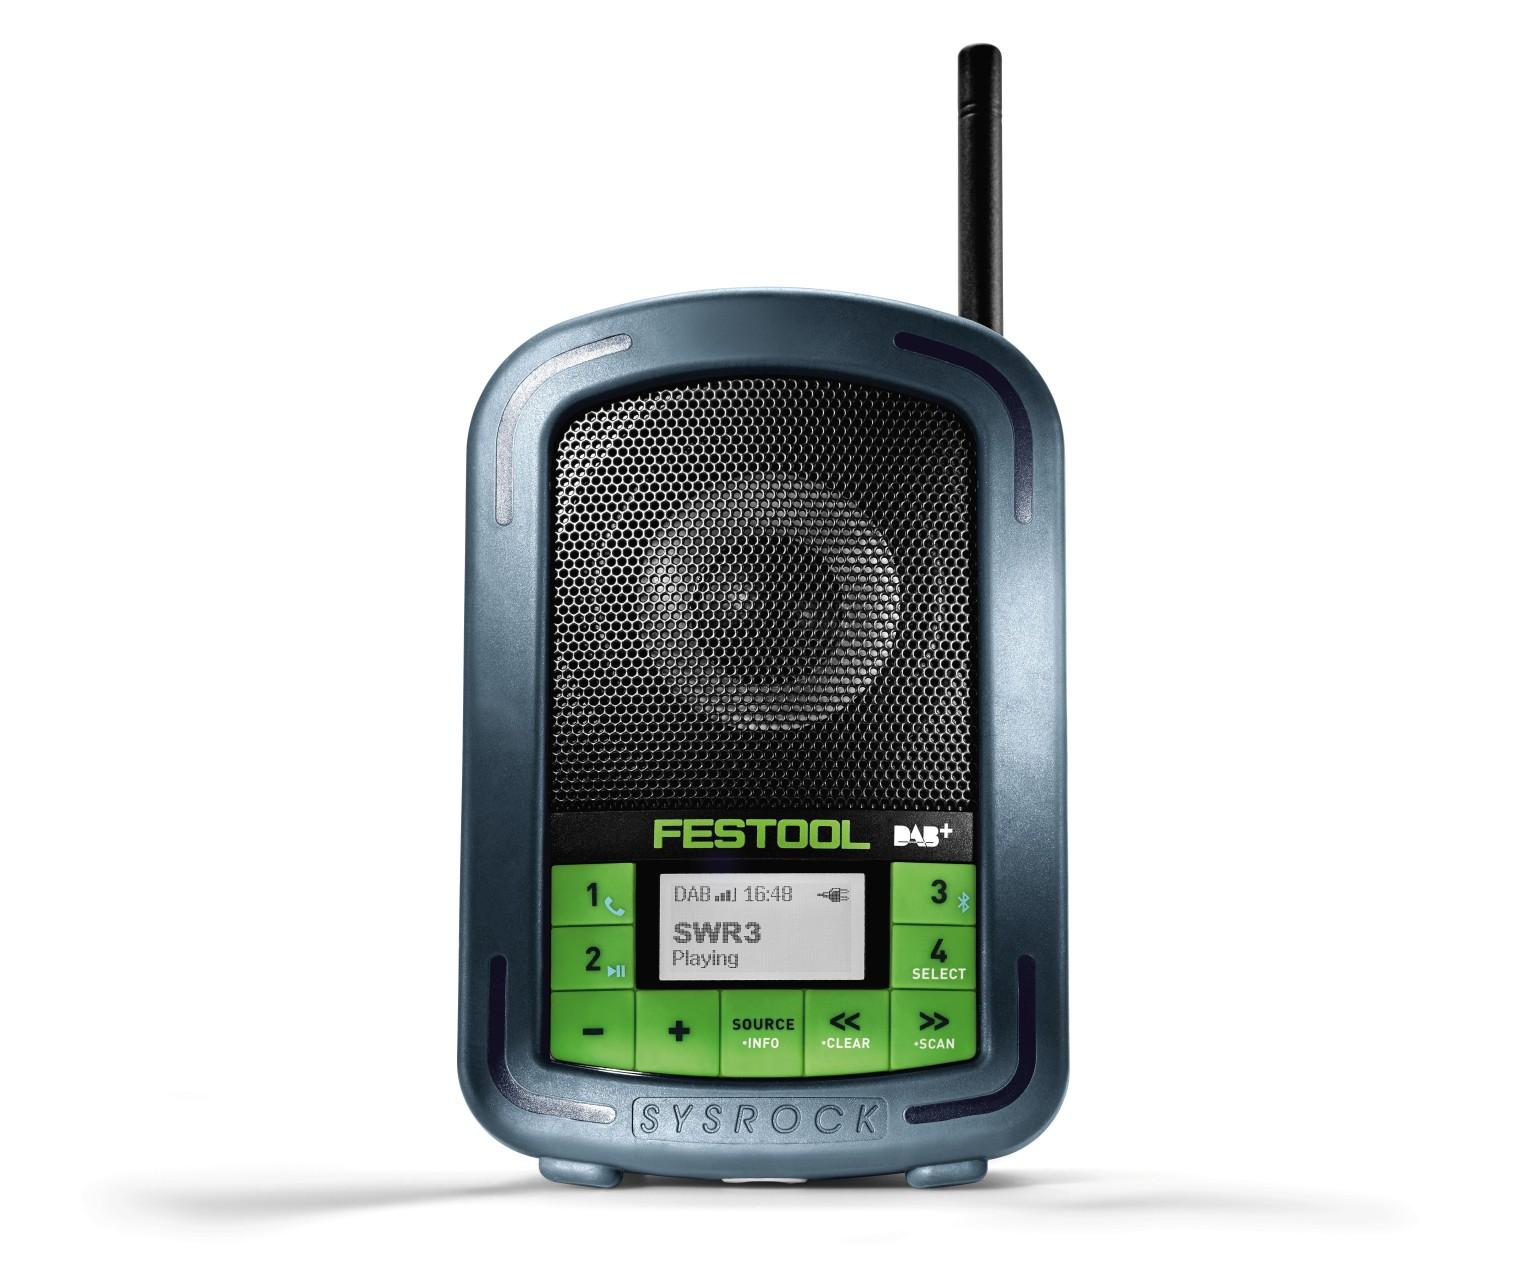 Festool Digitalradio BR 10 DAB+, 202111